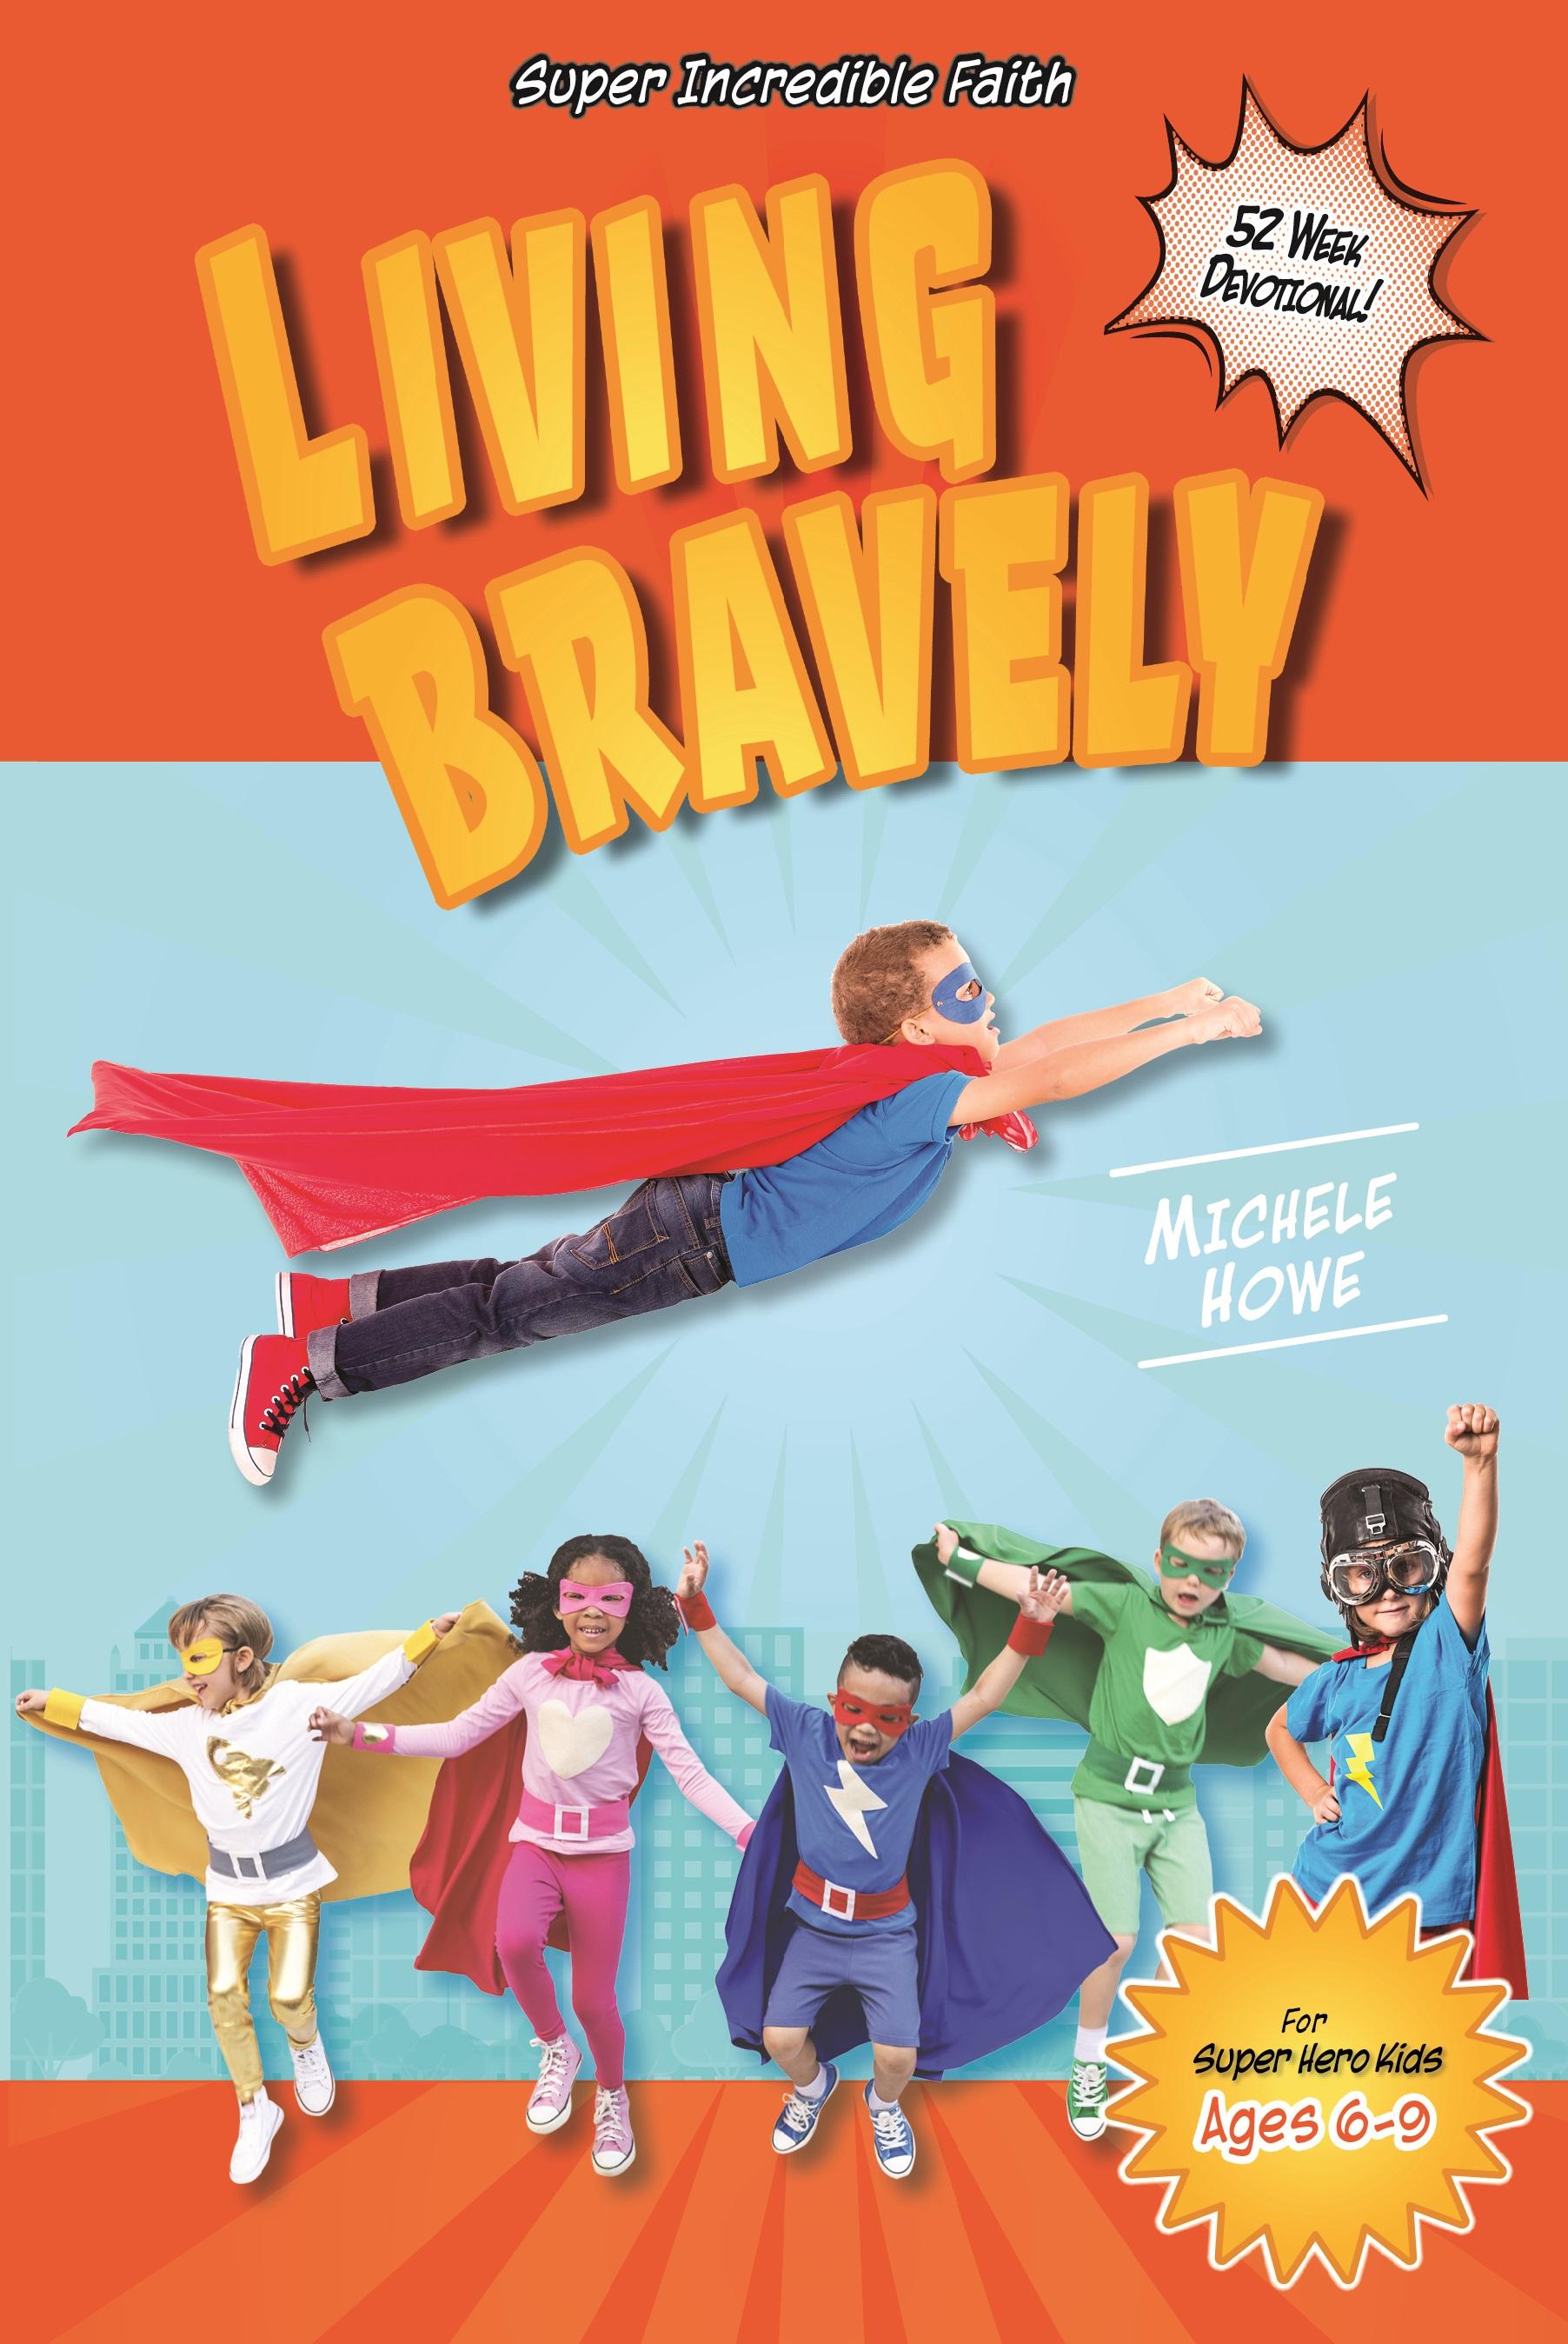 L50020 Living Bravely_Cover_final2.jpg